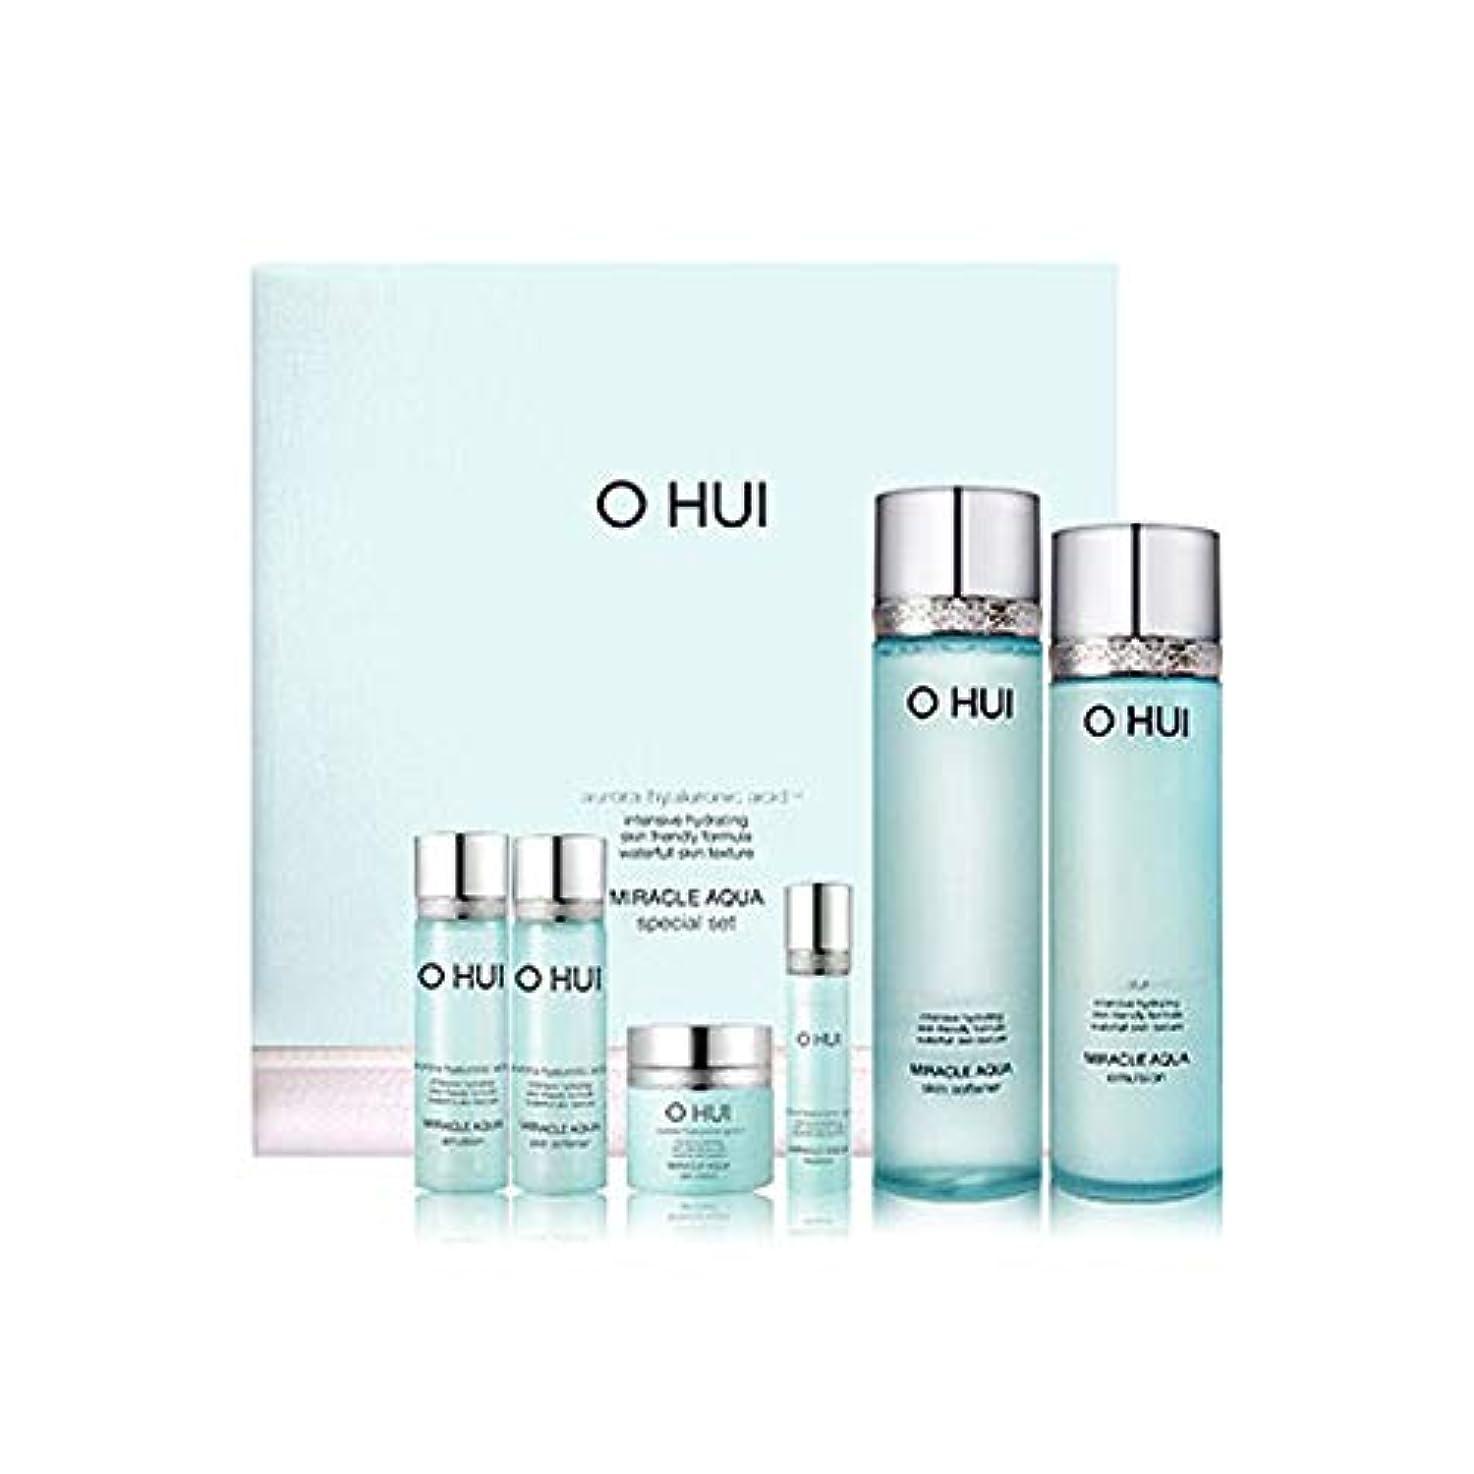 マザーランドハンカチ行政オフィミラクルアクアスキンソフナーエマルジョンセット韓国コスメ、O Hui Miracle Aqua Skin Softener Emulsion Set Korean Cosmetics [並行輸入品]